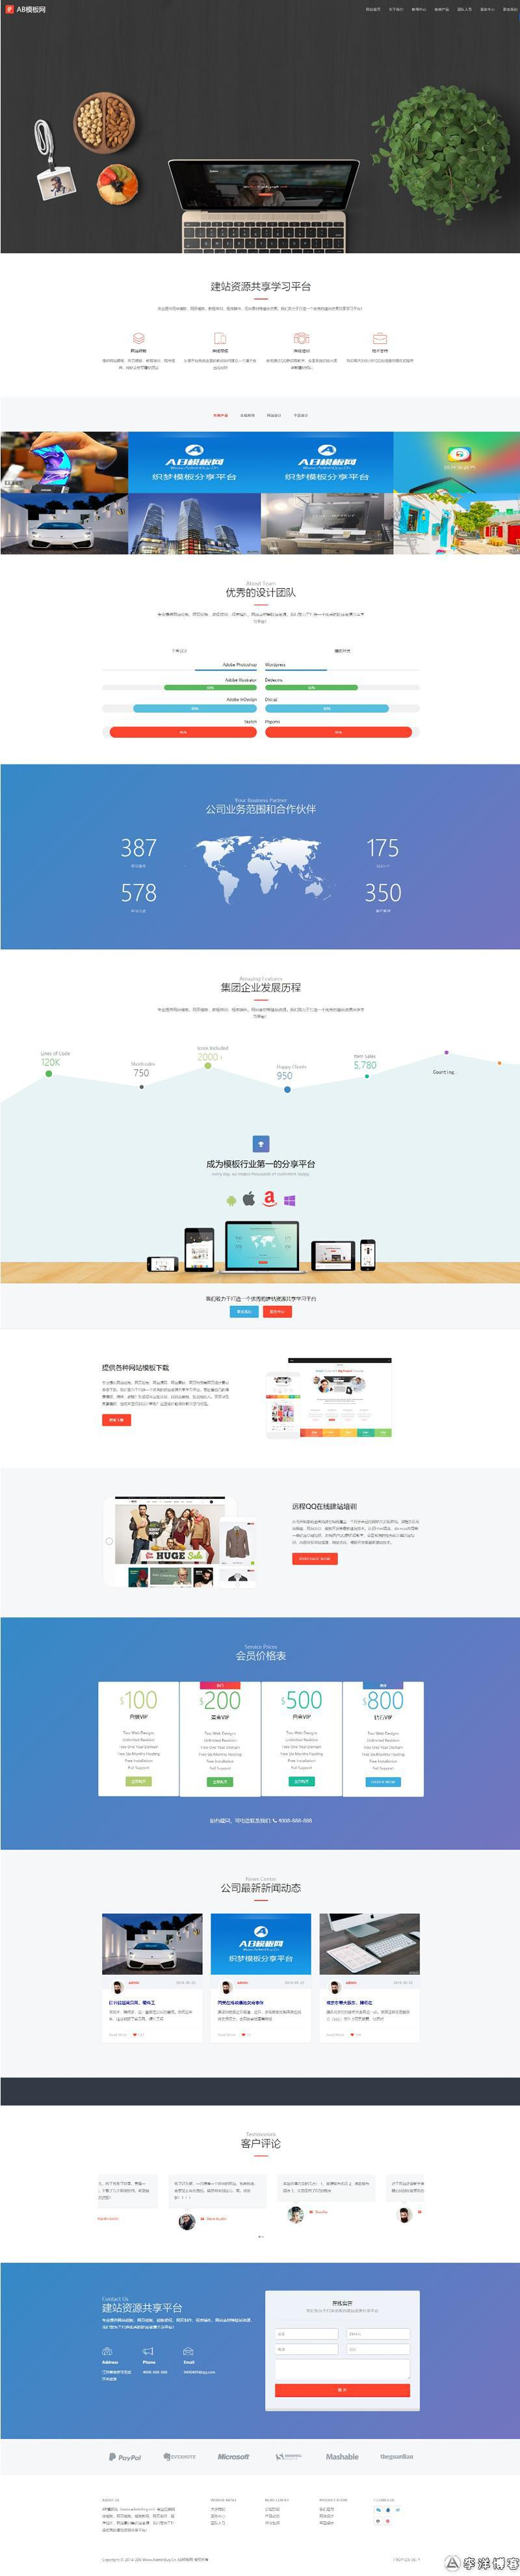 织梦dedecms模板 黑白网站建设企业网站源码 [自适应手机版]